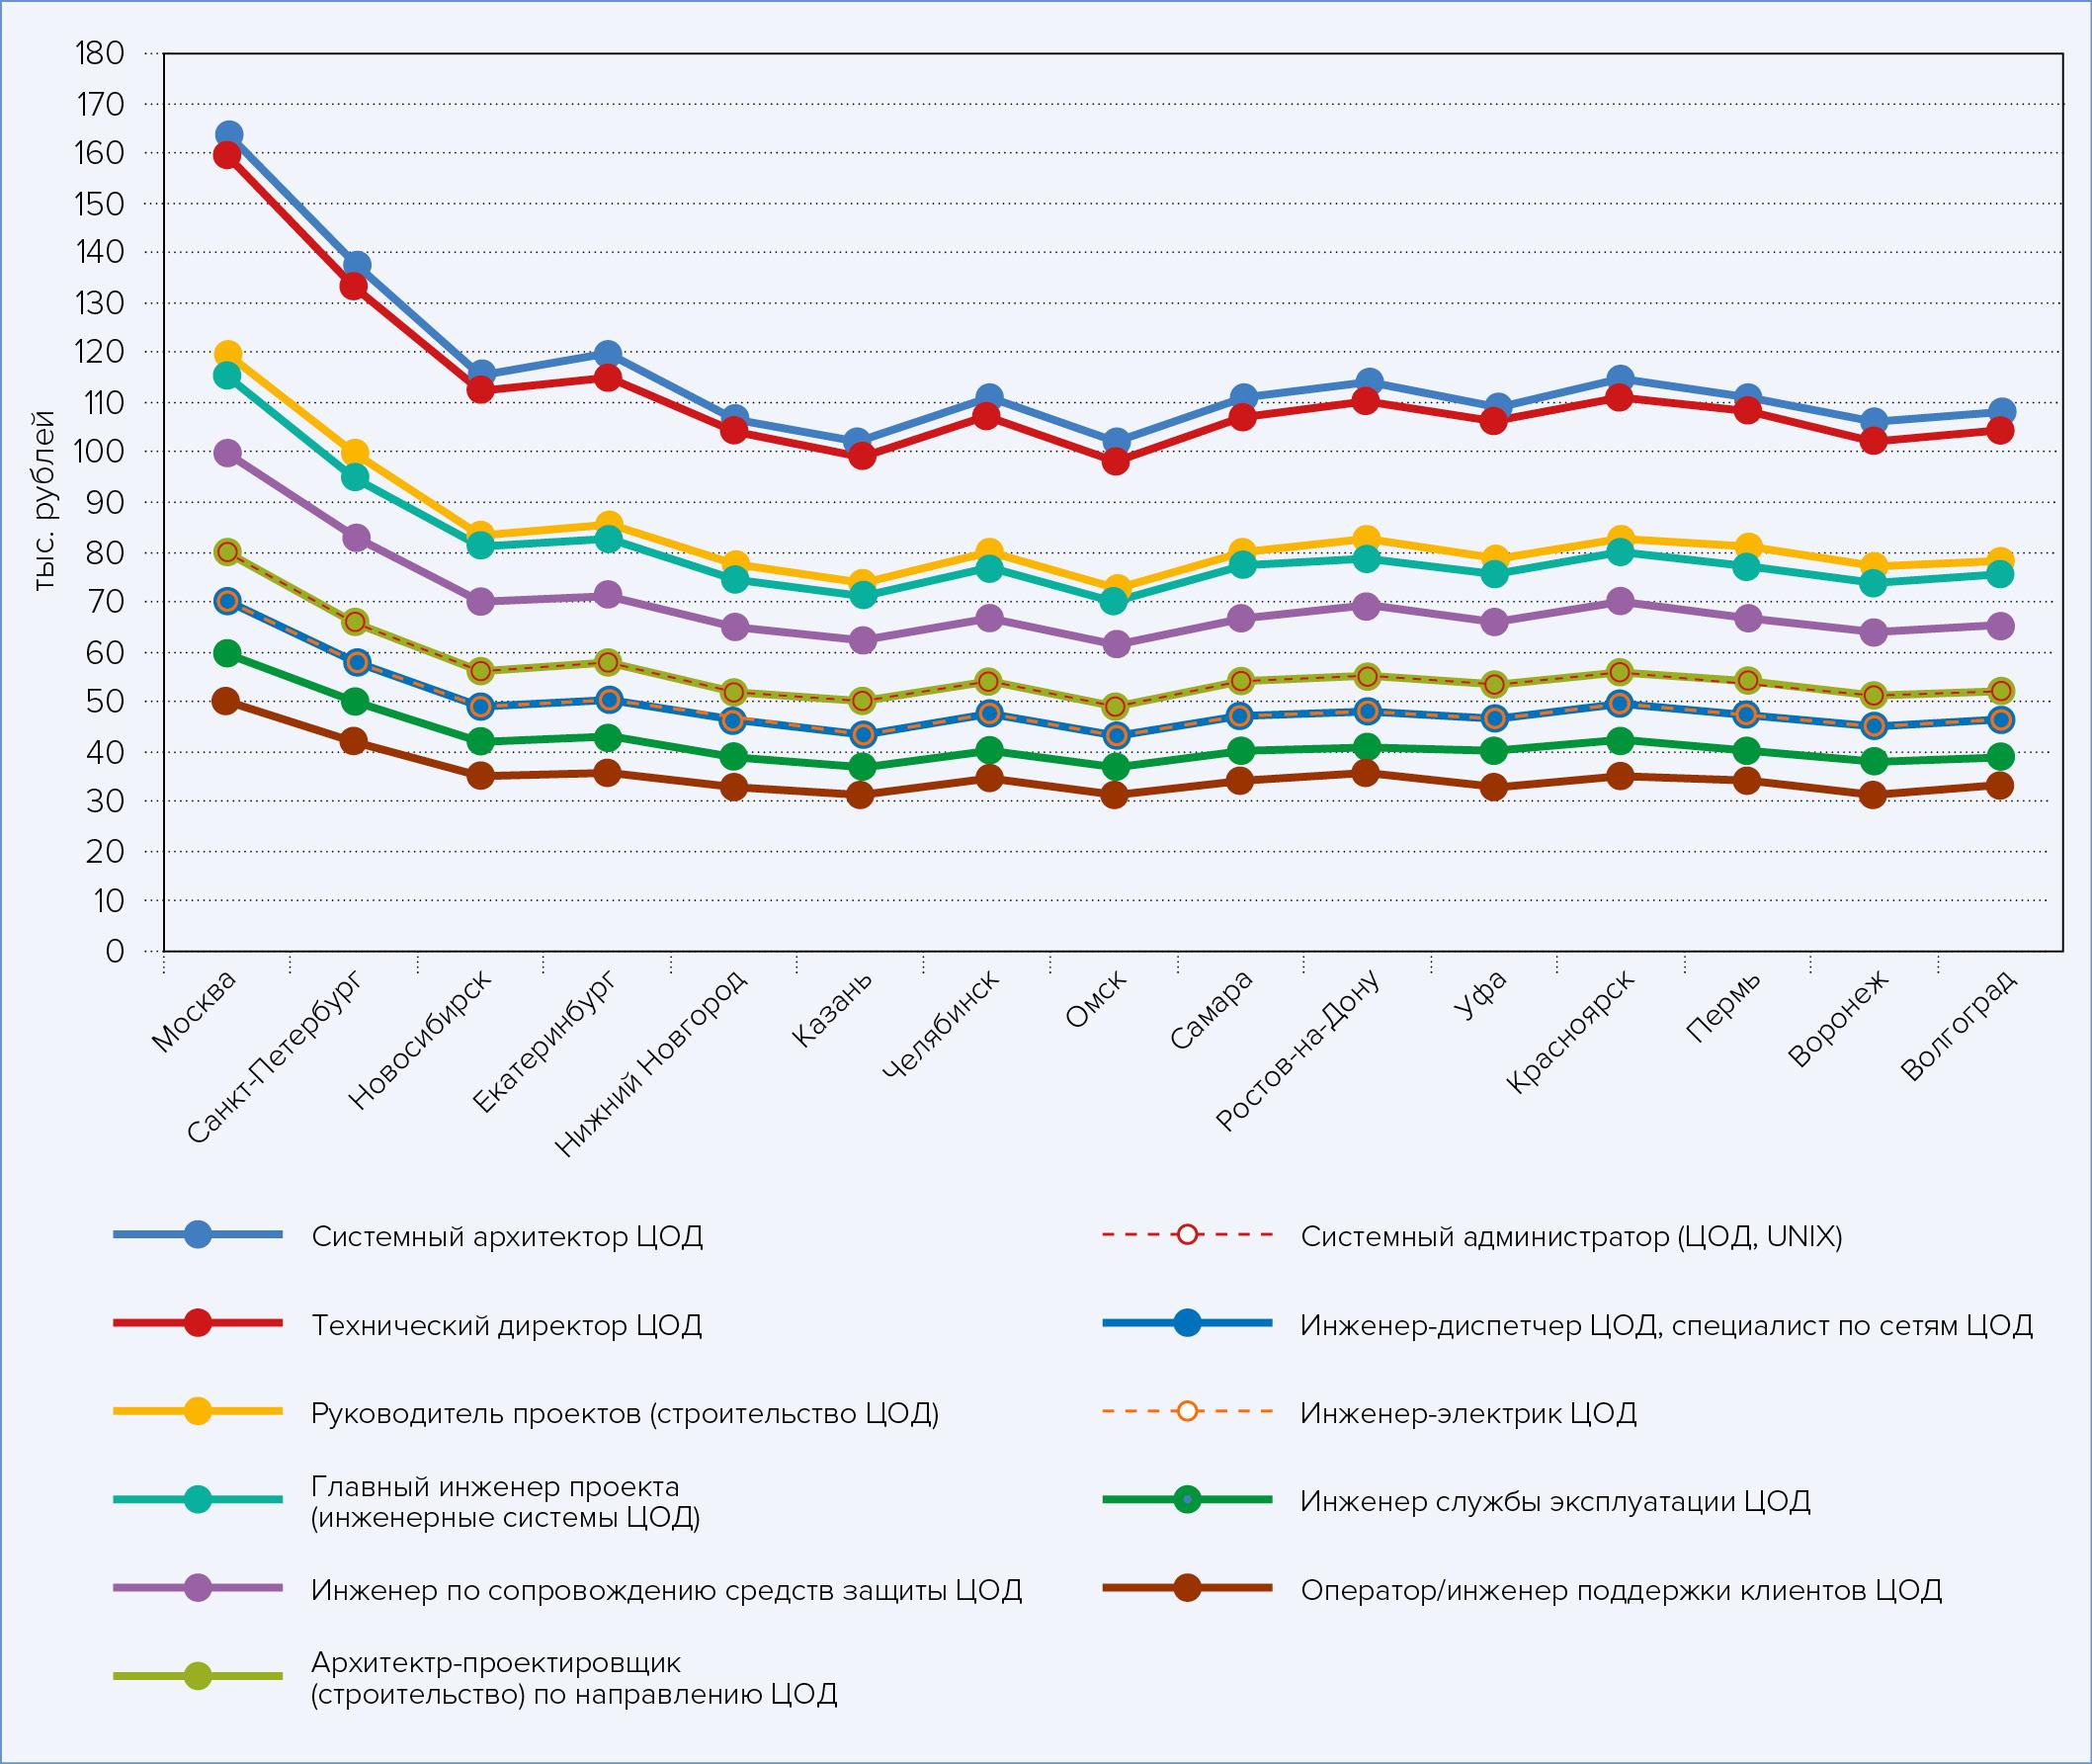 Средние ежемесячные зарплаты для различных специалистов в области ЦОДов, по городам